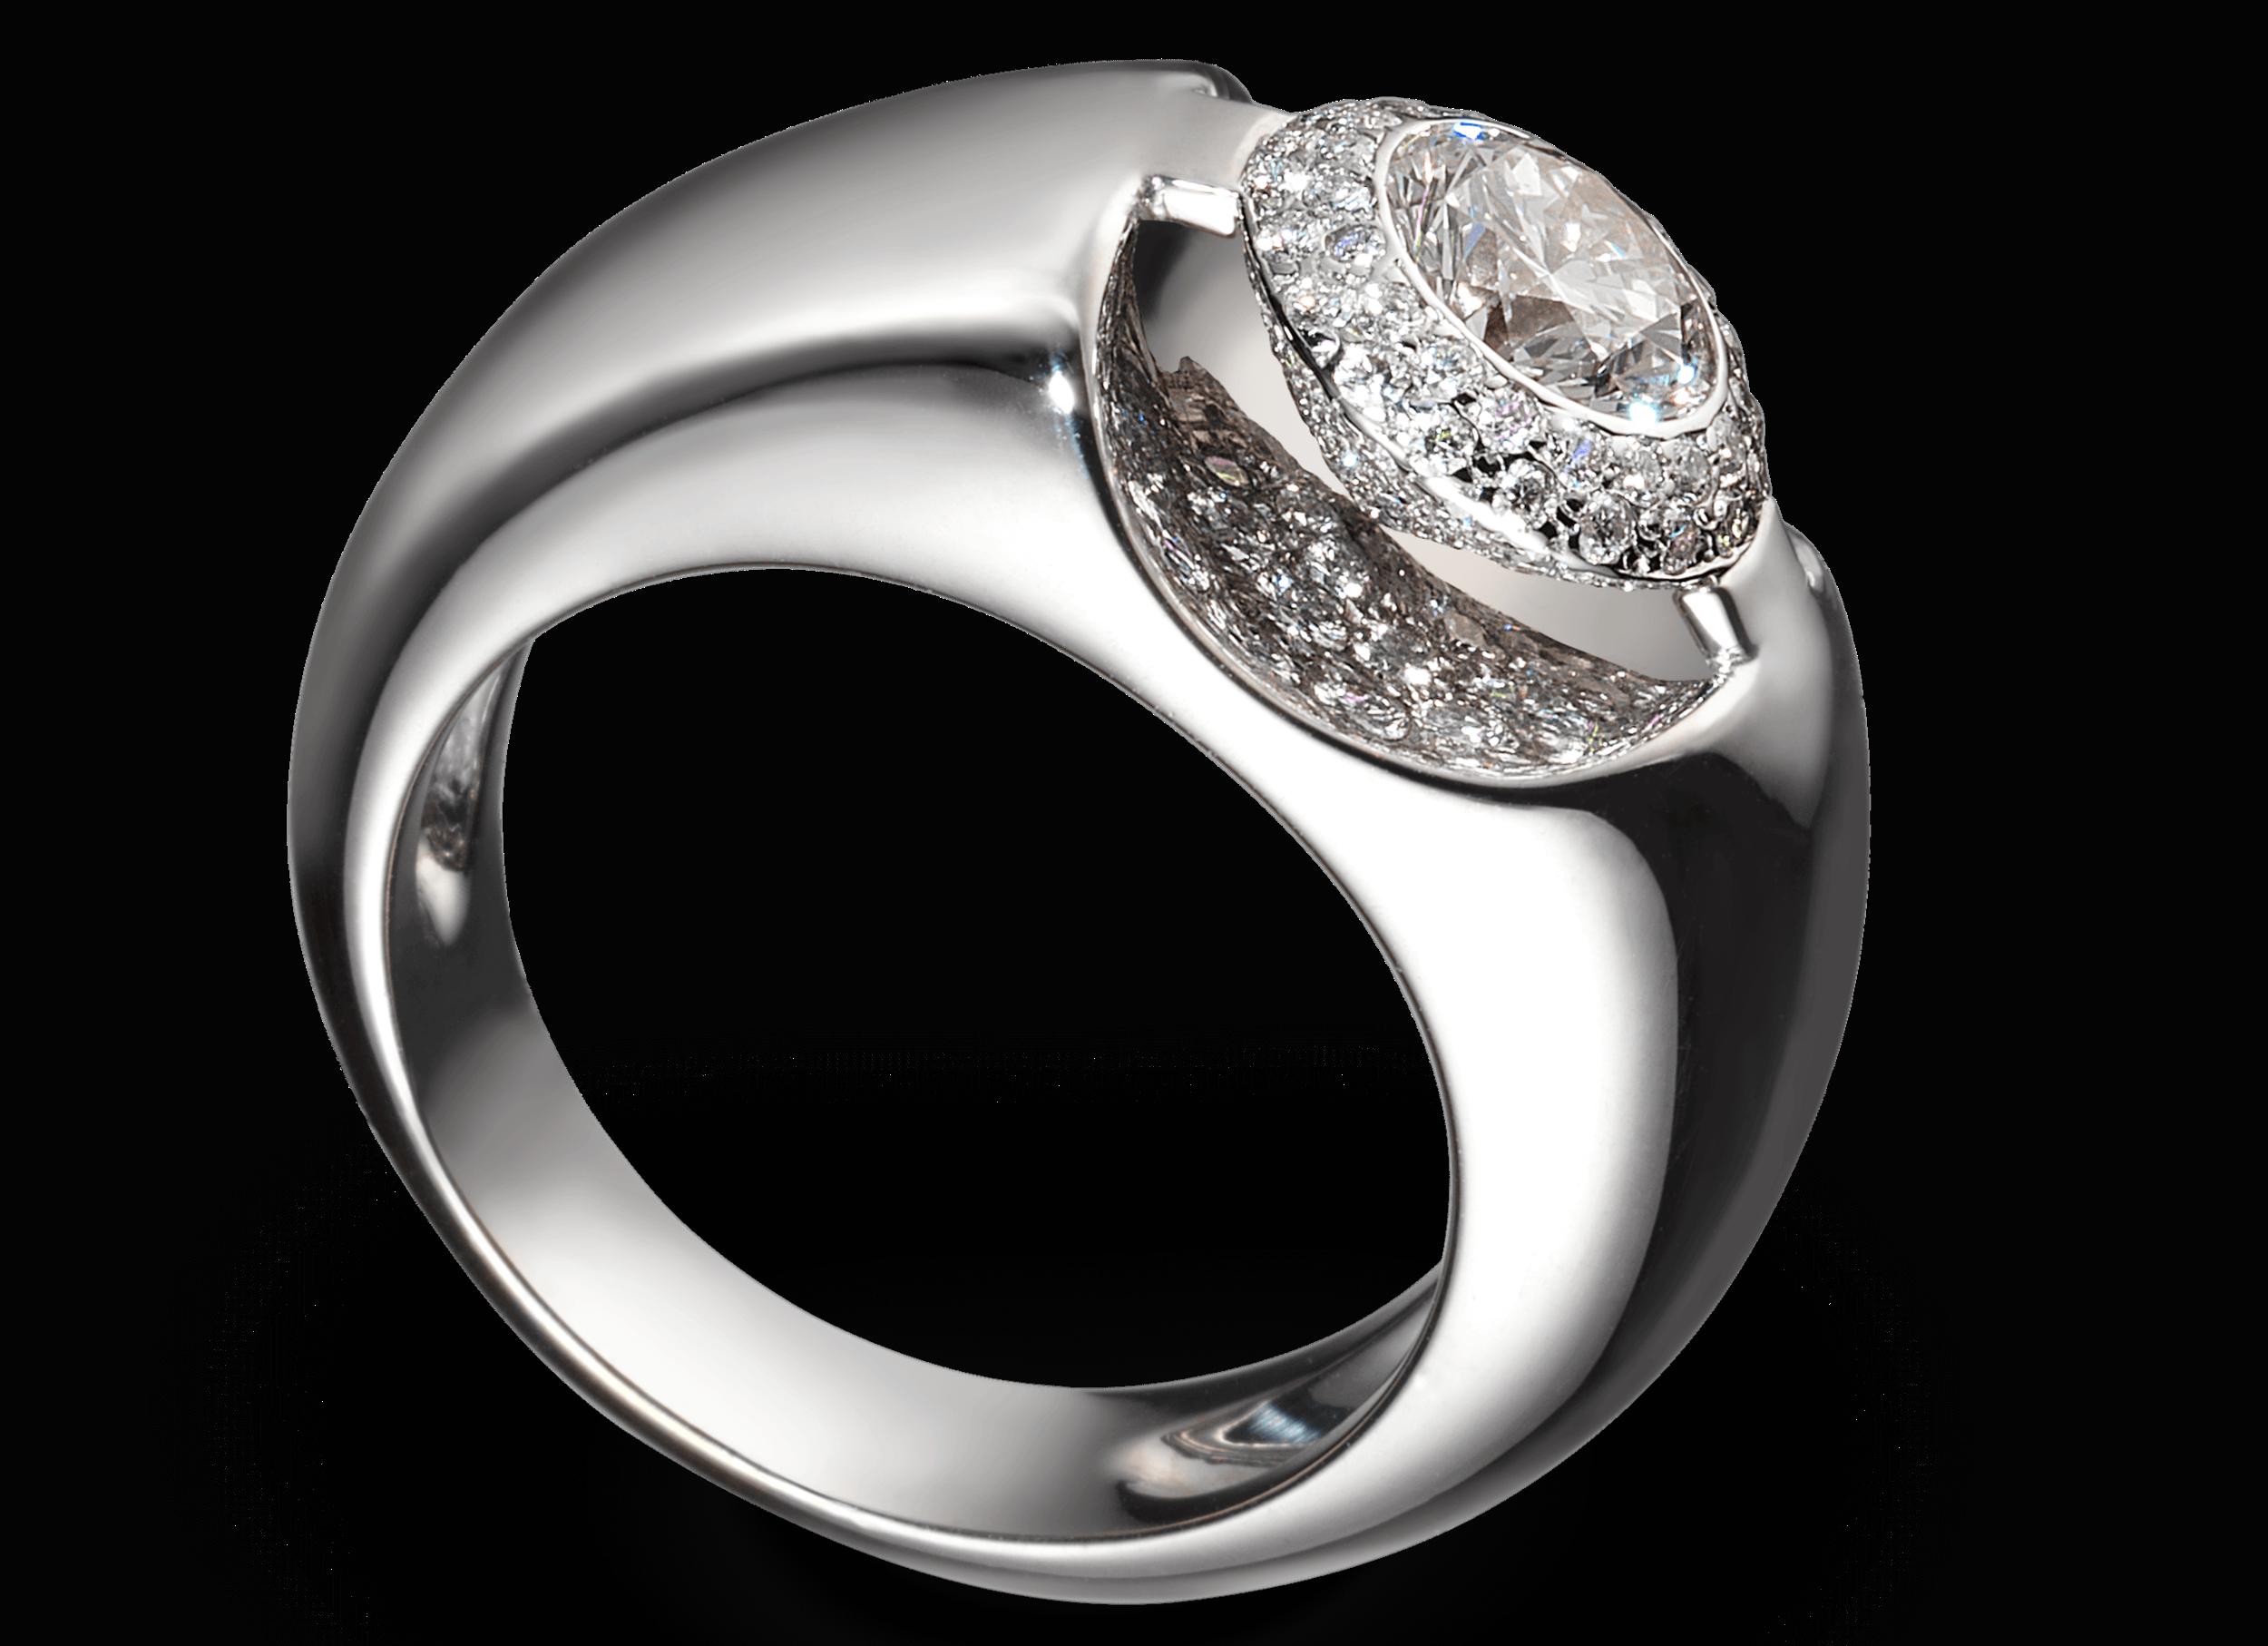 Bague Eolia - Existe en 3 tailles (en fonction de la taille de la pierre).Montures à partir de 1 800 € - 2100 et 2 500 € plus la pierre centrale.(Modèle présenté 7 900 € avec un diamant de 0,62 carat et un pavage de 100 pierres)